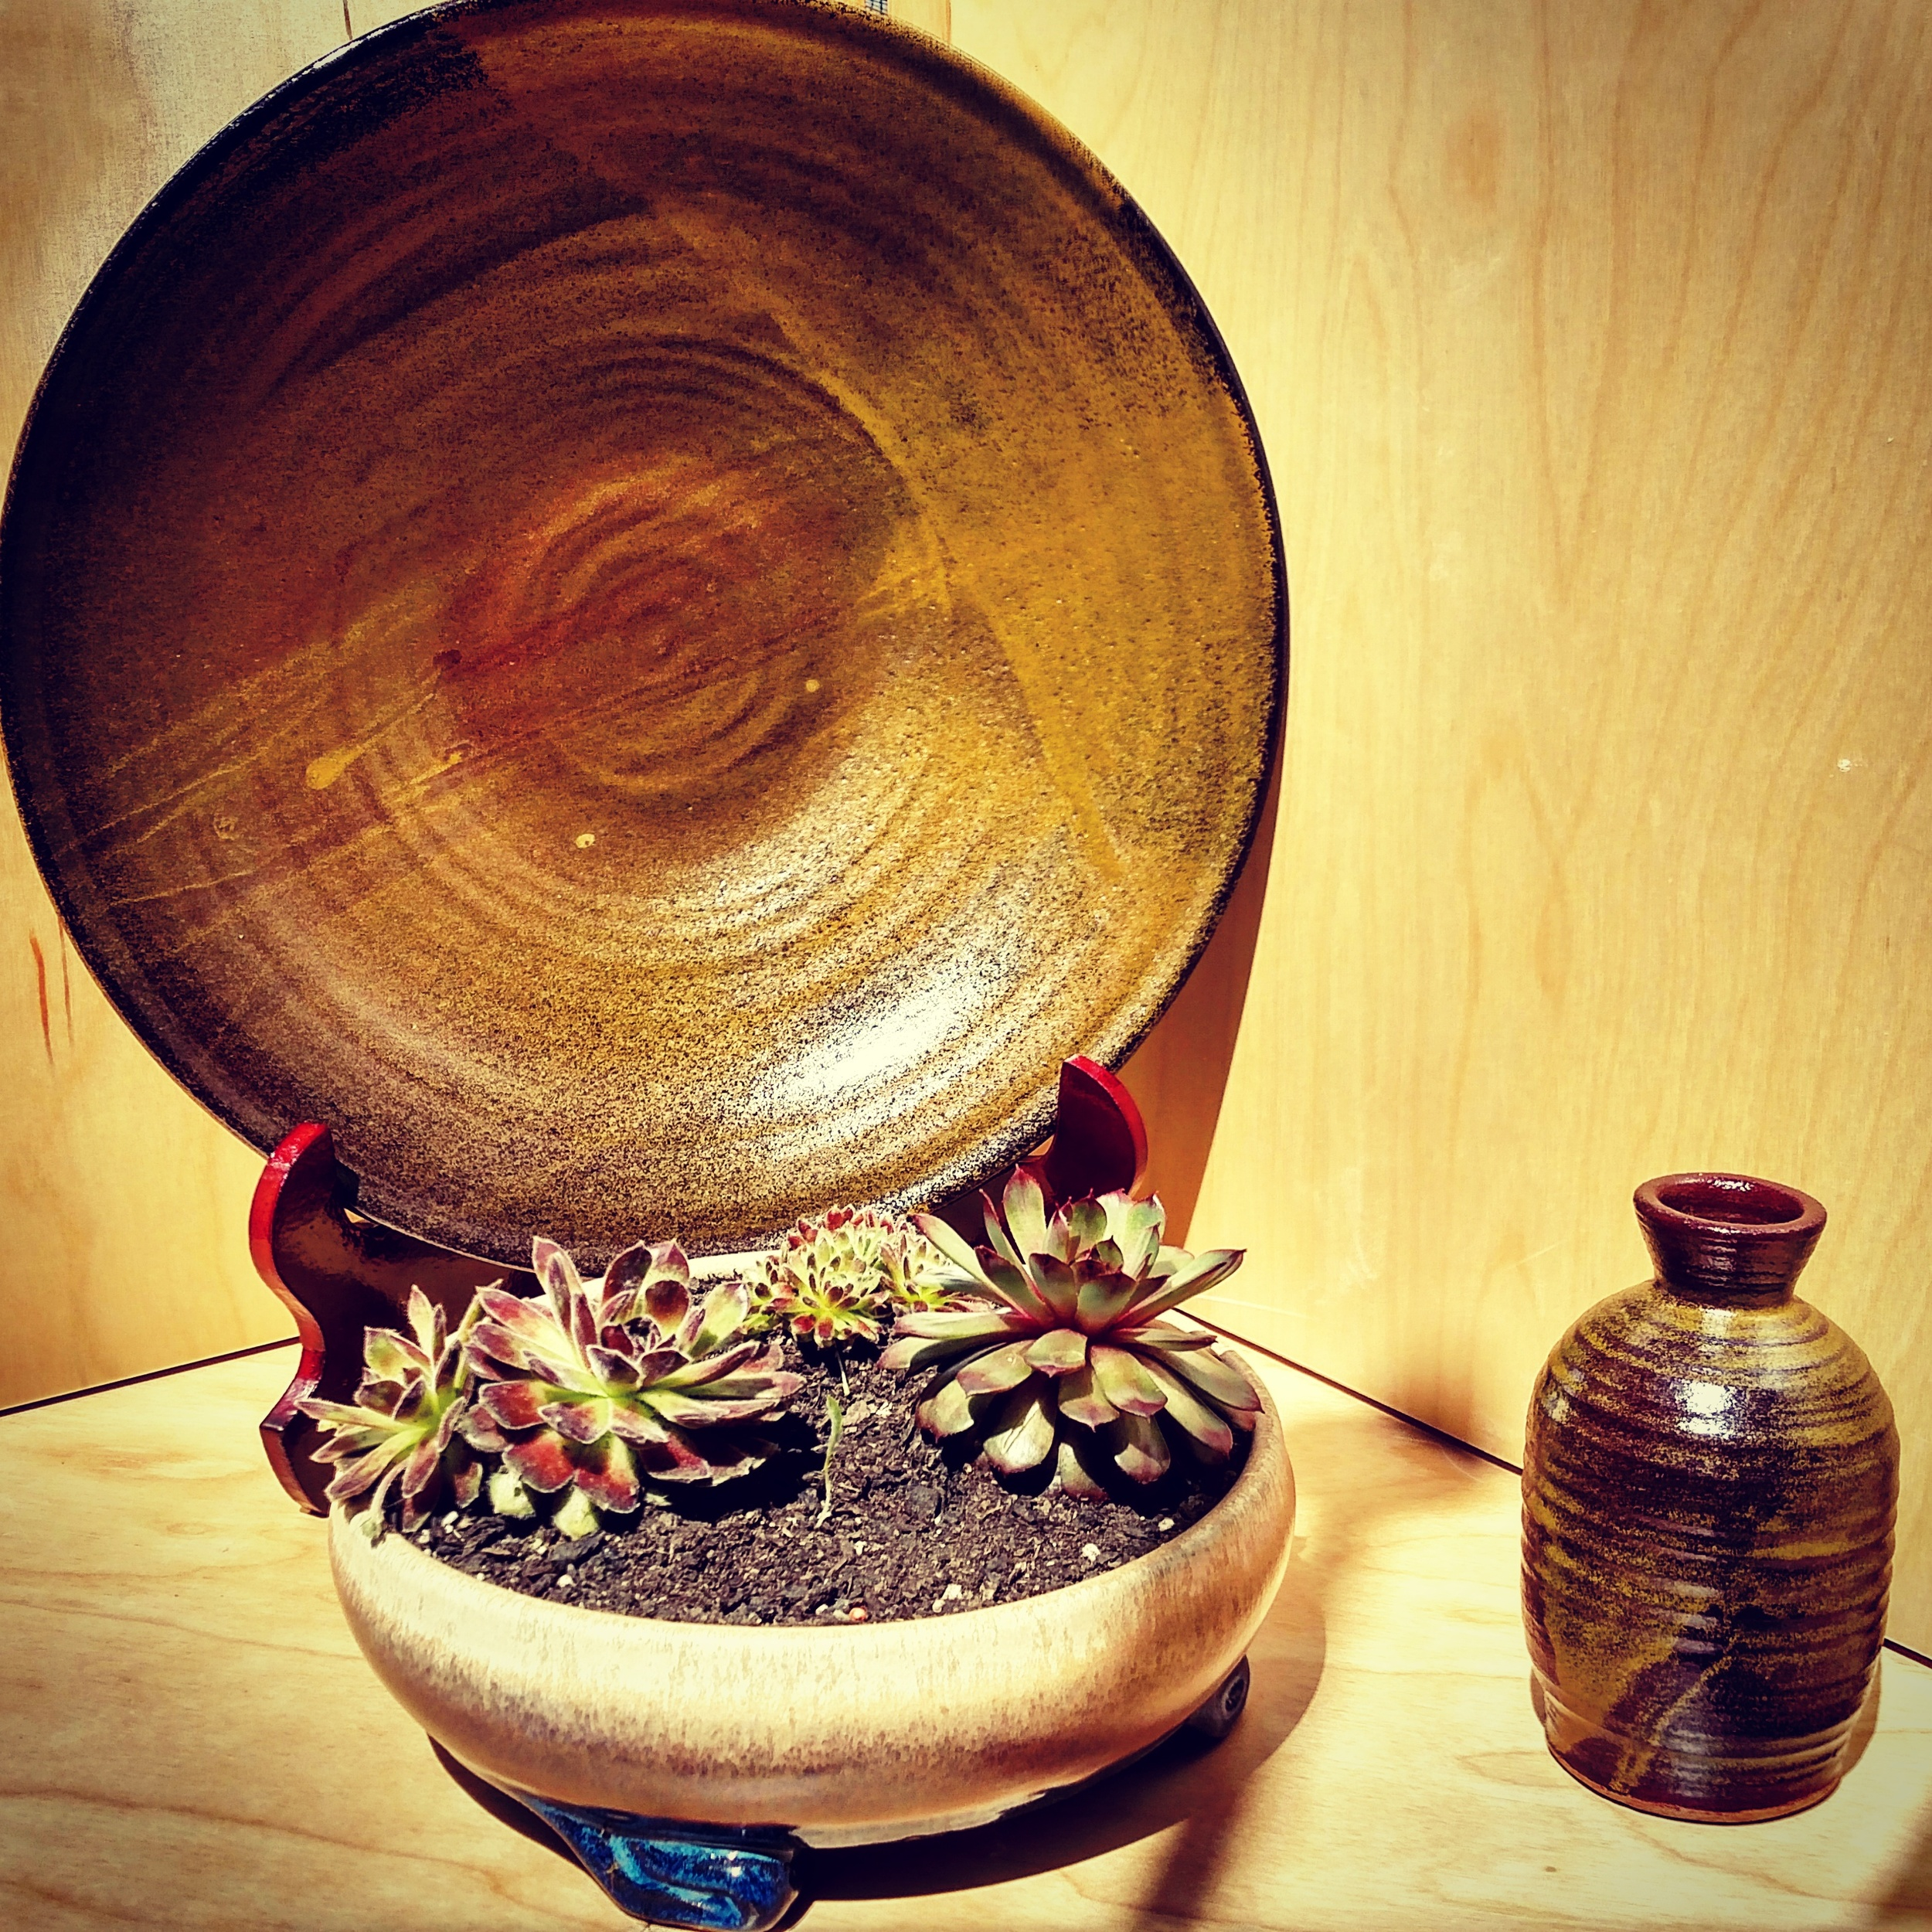 amber teadust display.jpg